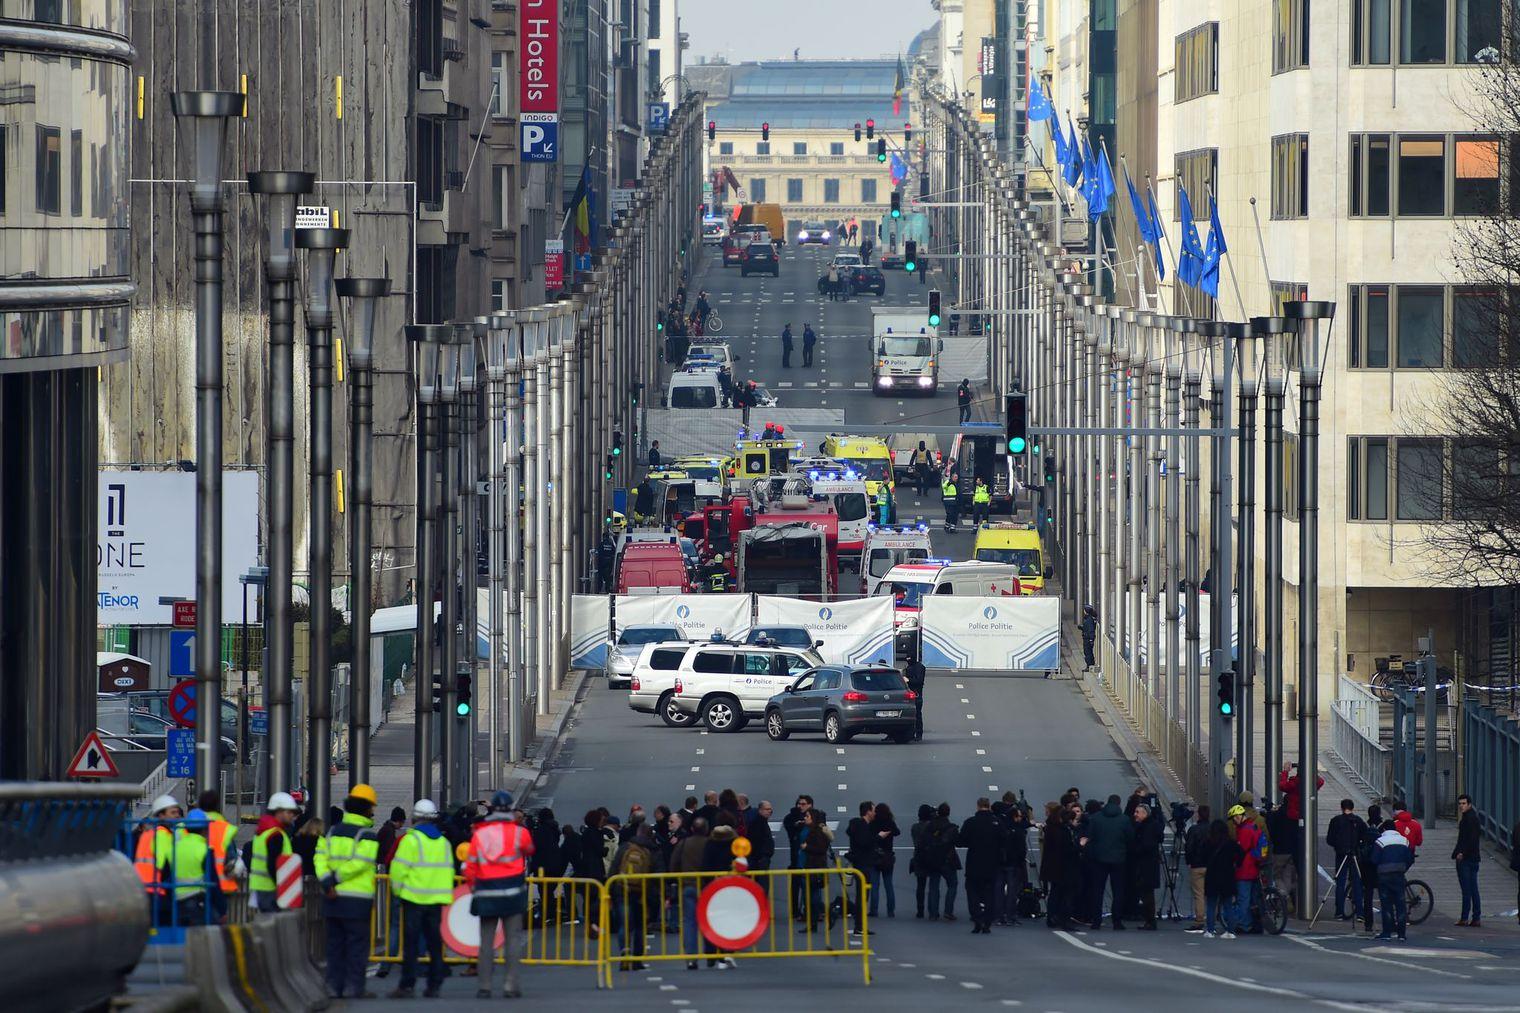 Mesajul înfricoșător al jihadiștilor după atentatele de la Bruxelles